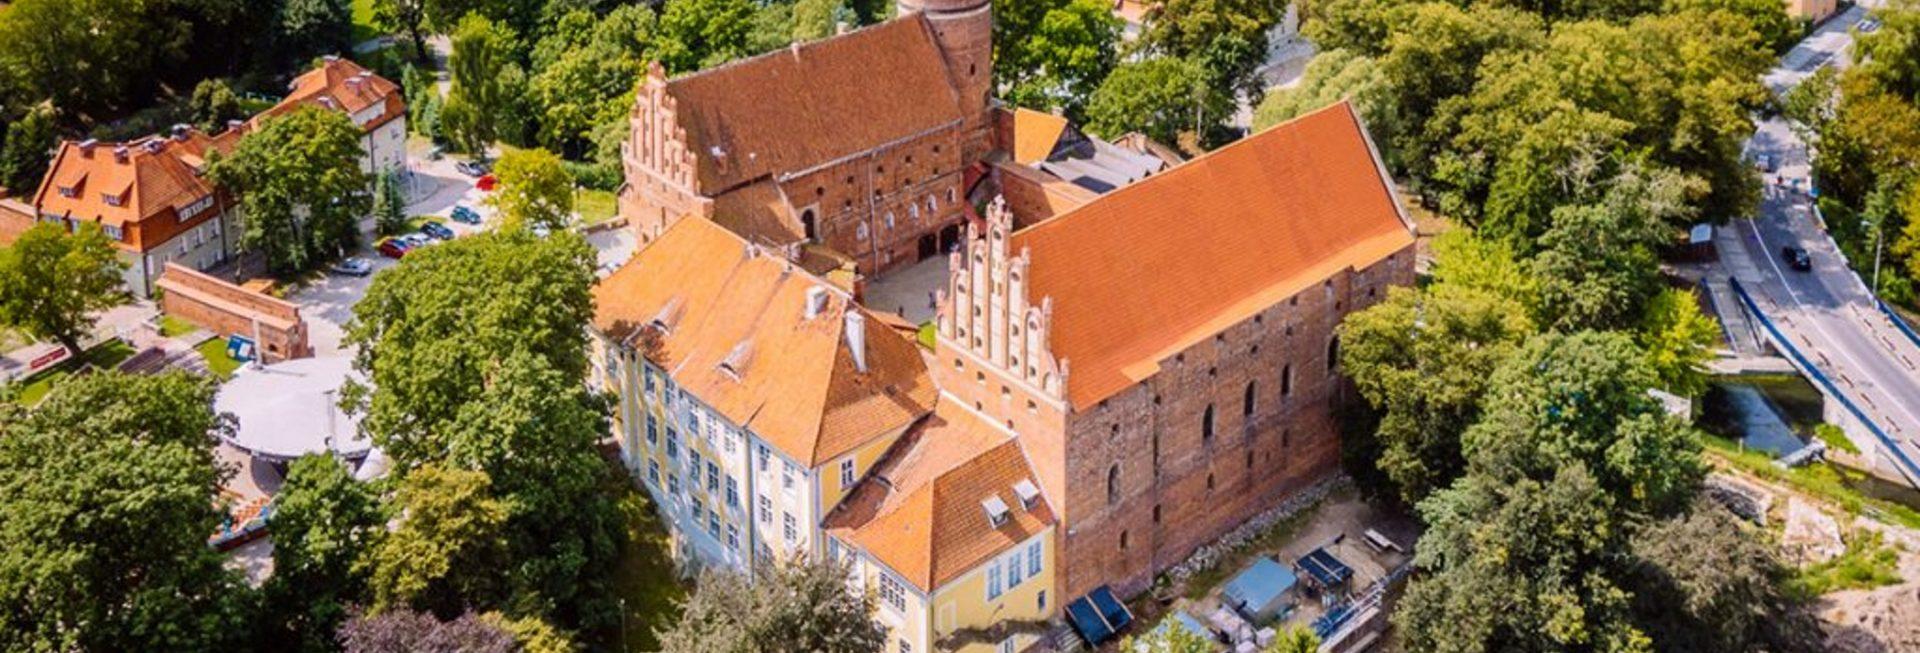 Zamek w Olsztynie z lotu ptaka. Zamek zlokalizowany w centrum obok Starego Miasta w Olsztynie otoczony drzewami.